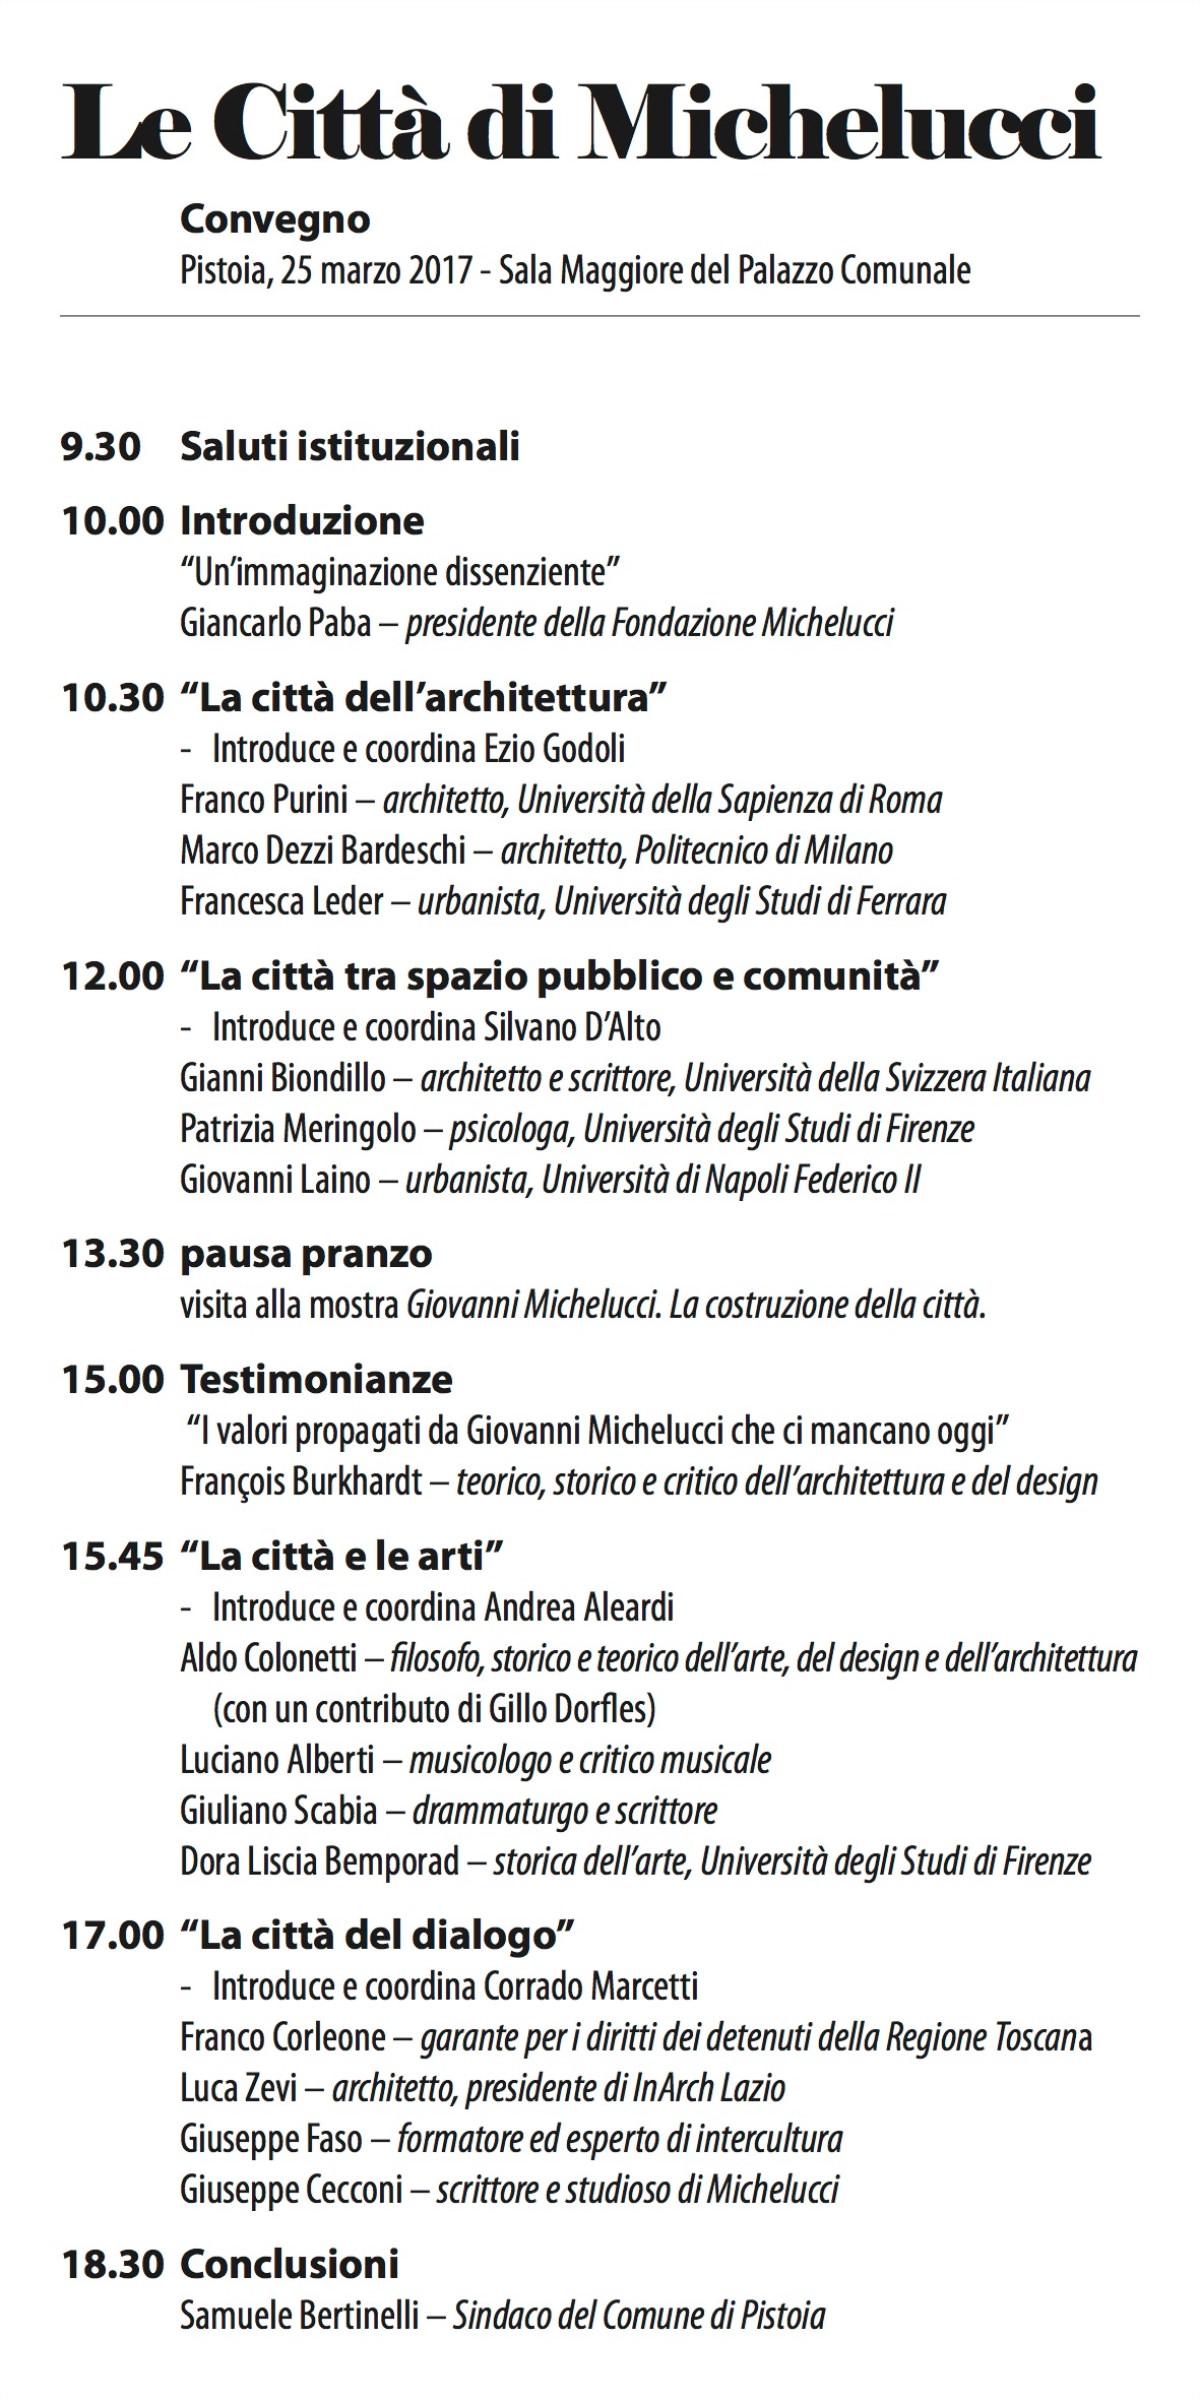 programma convegno Michelucci Pistoia 2017